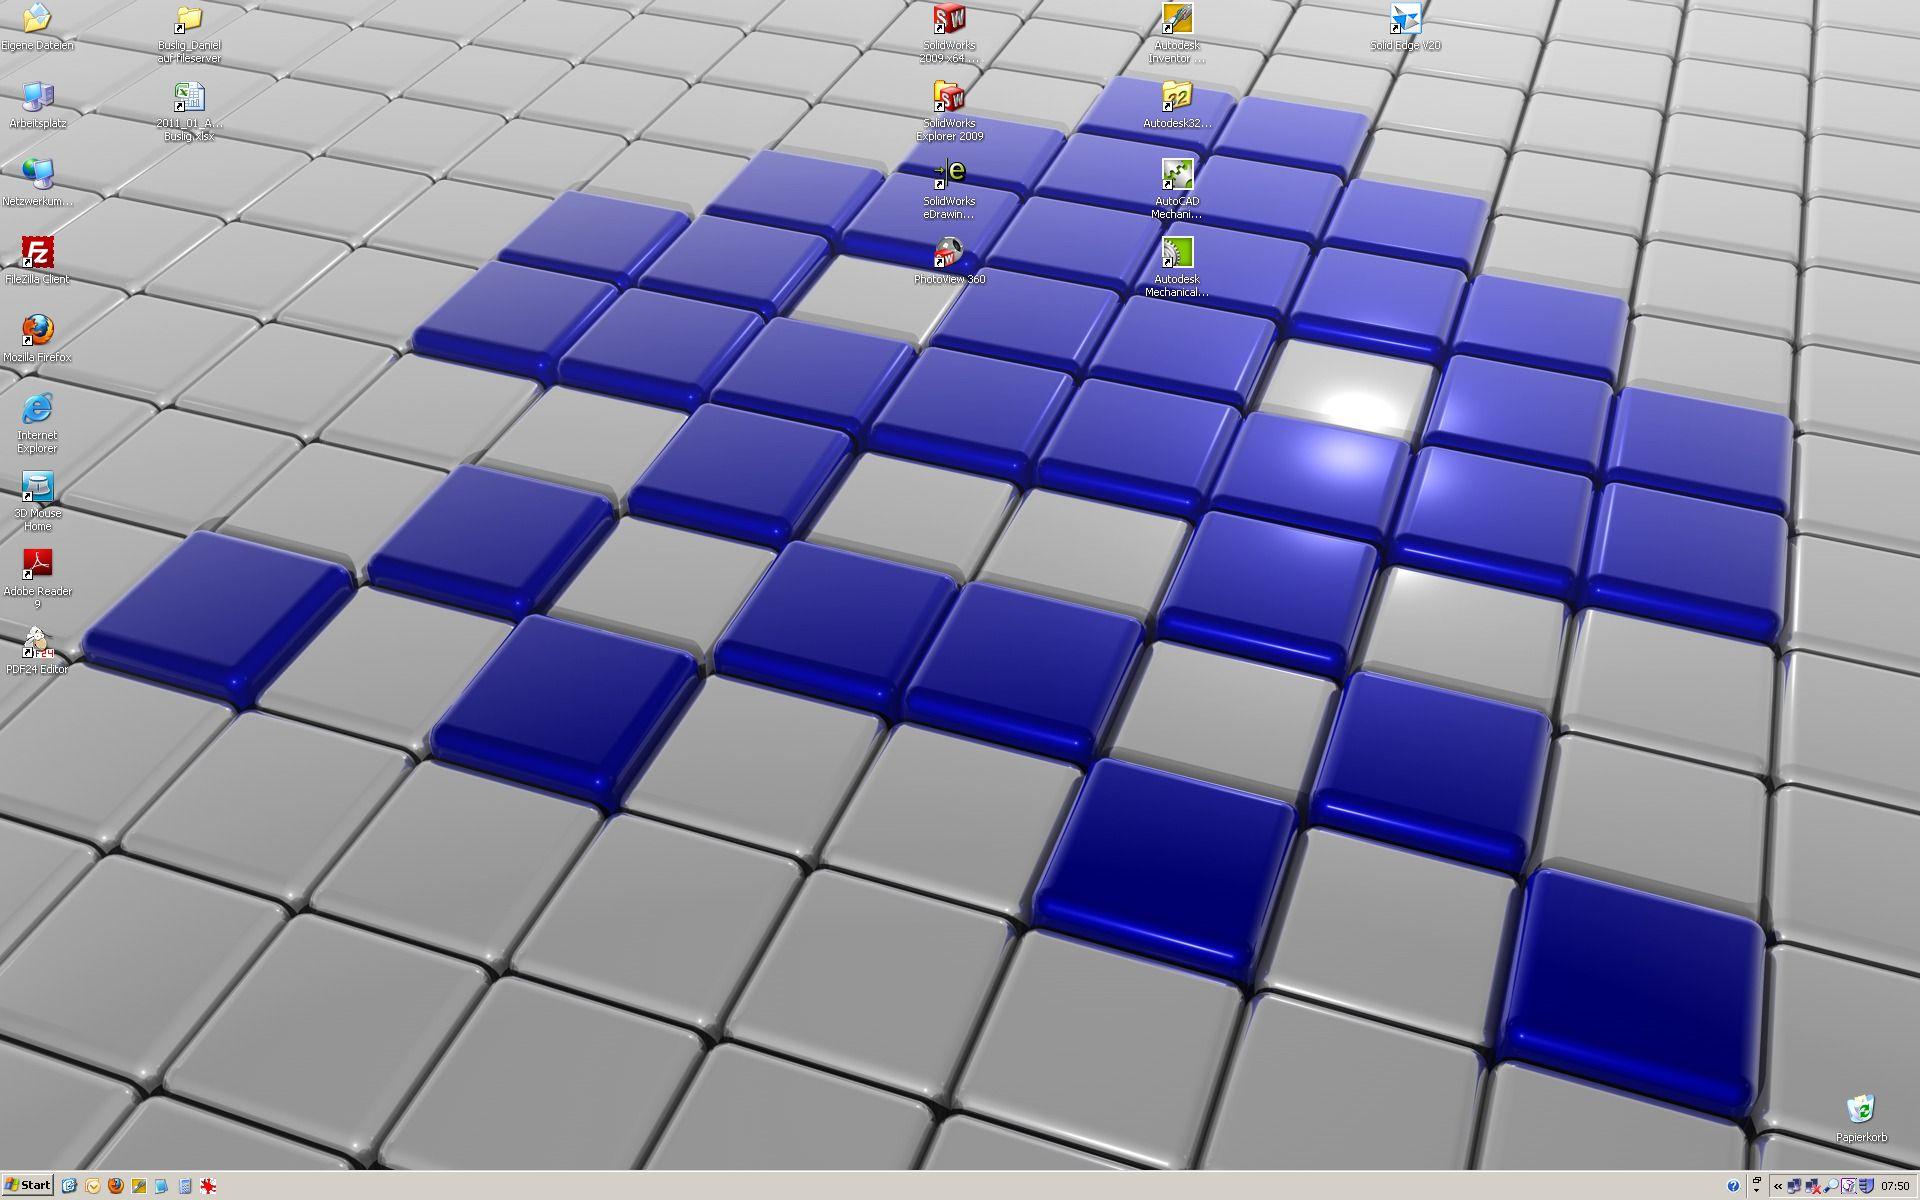 http://www.abload.de/img/desktopadensoo6mm.jpg